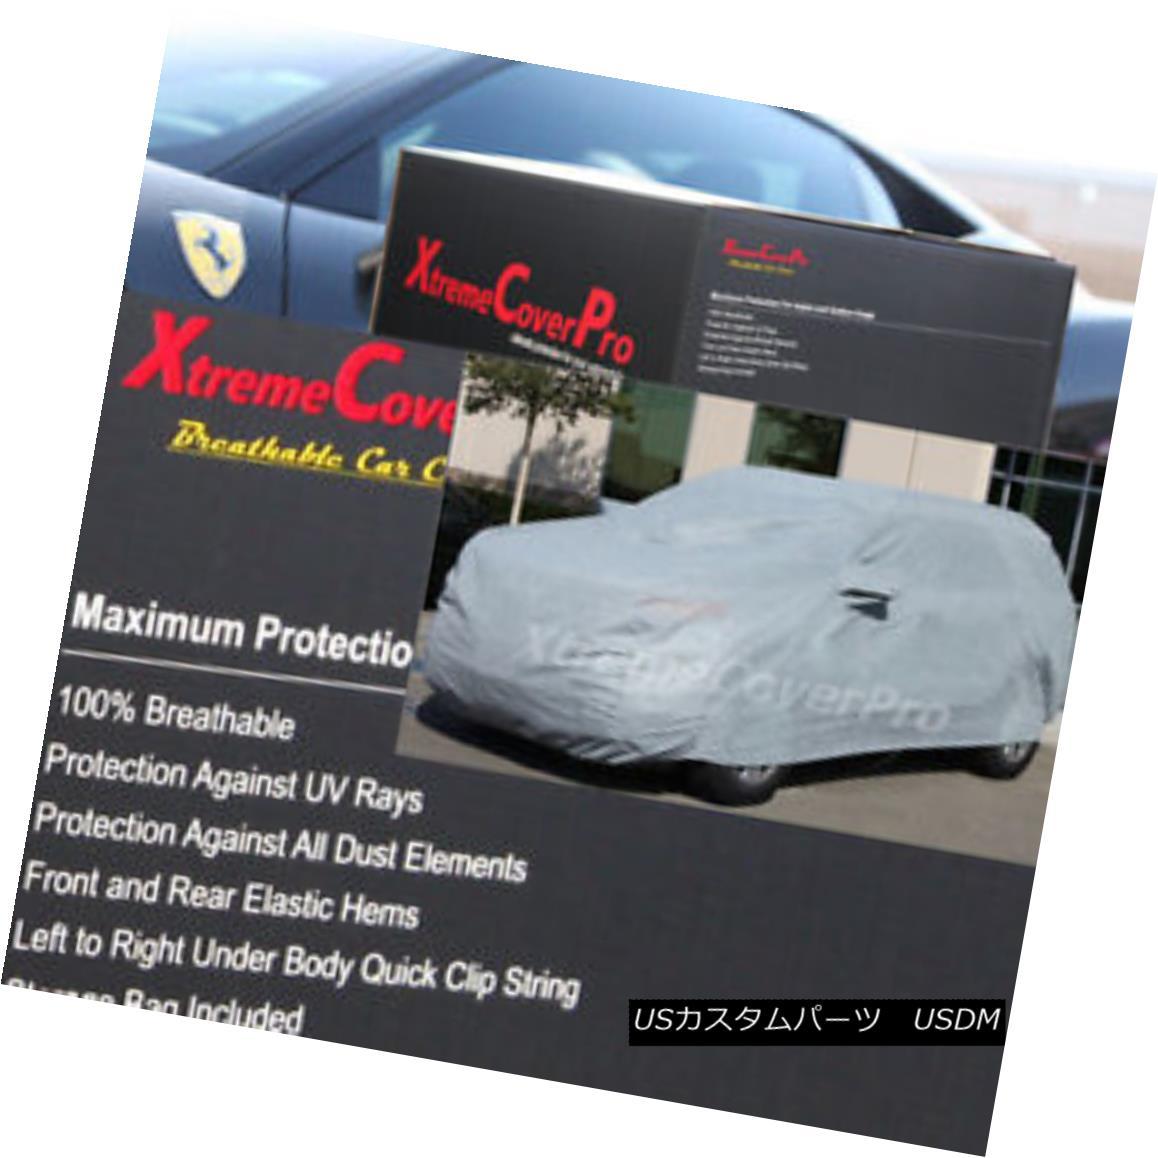 カーカバー 1998 1999 2000 2001 2002 Isuzu Trooper Breathable Car Cover w/MirrorPocket 1998年1999年2000年2001年2002年いすゞトルーパー通気性車カバー付きMirrorPocket